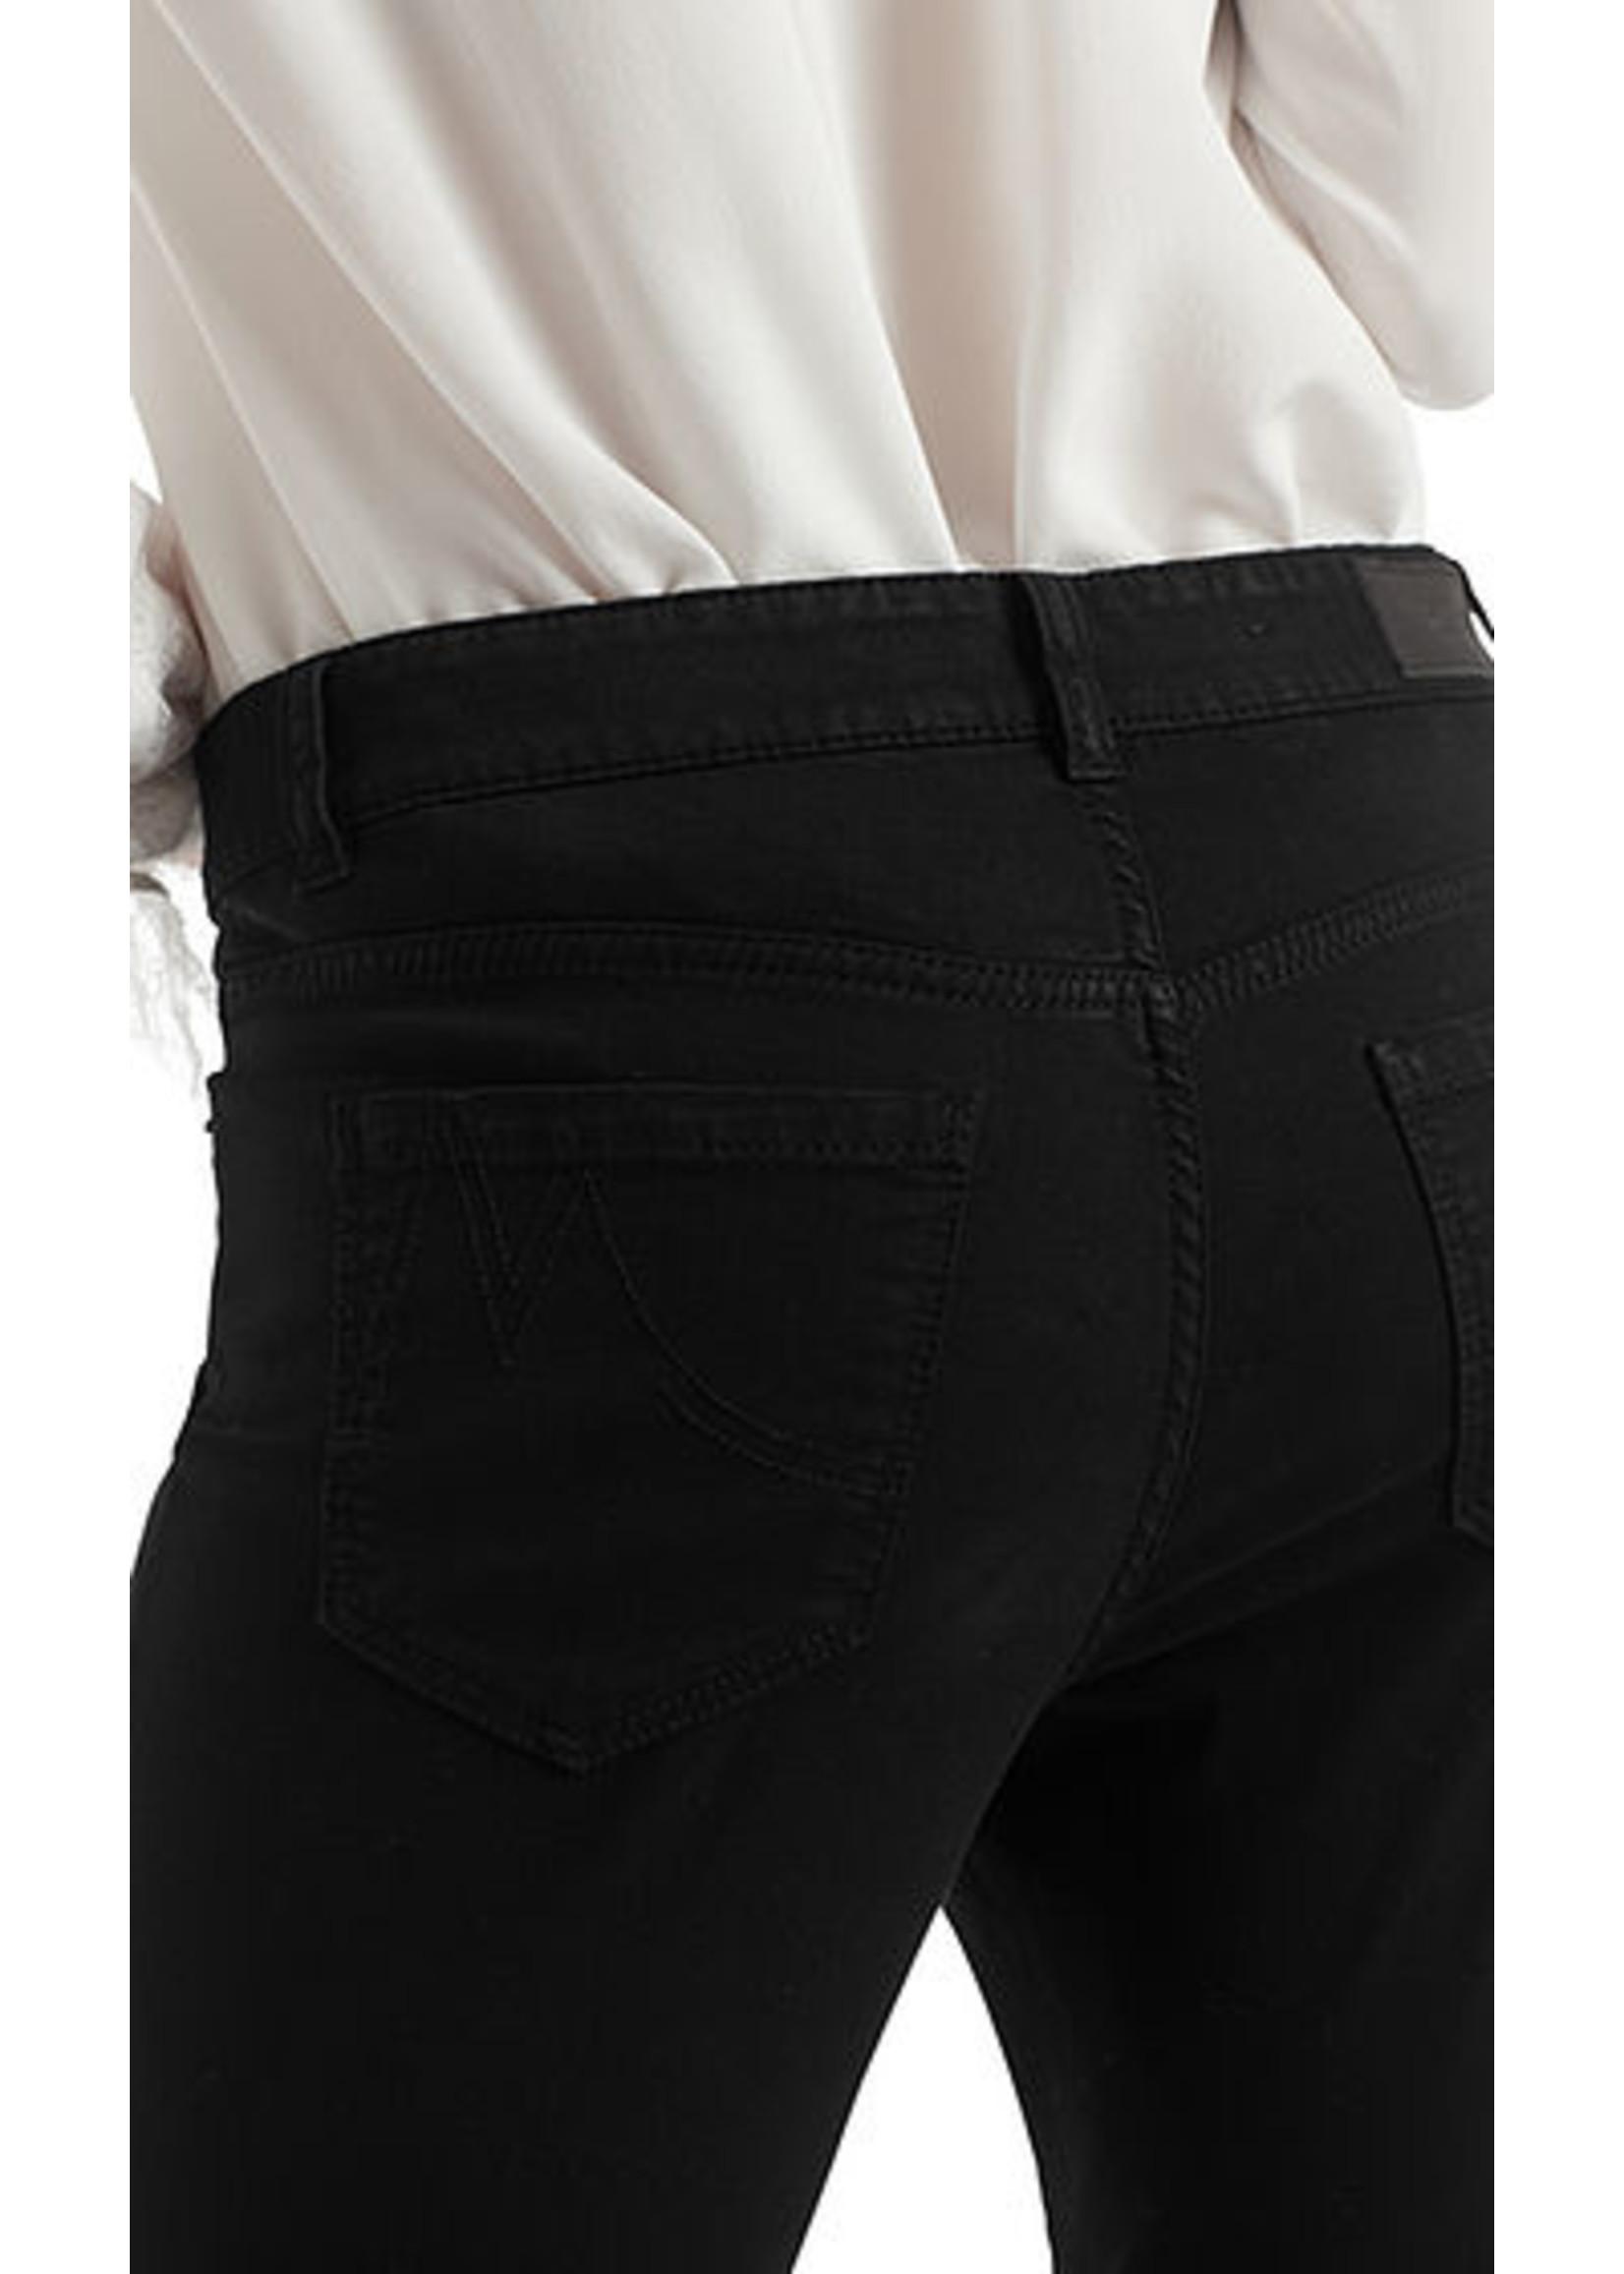 Jeans RC 82.08 D03 black